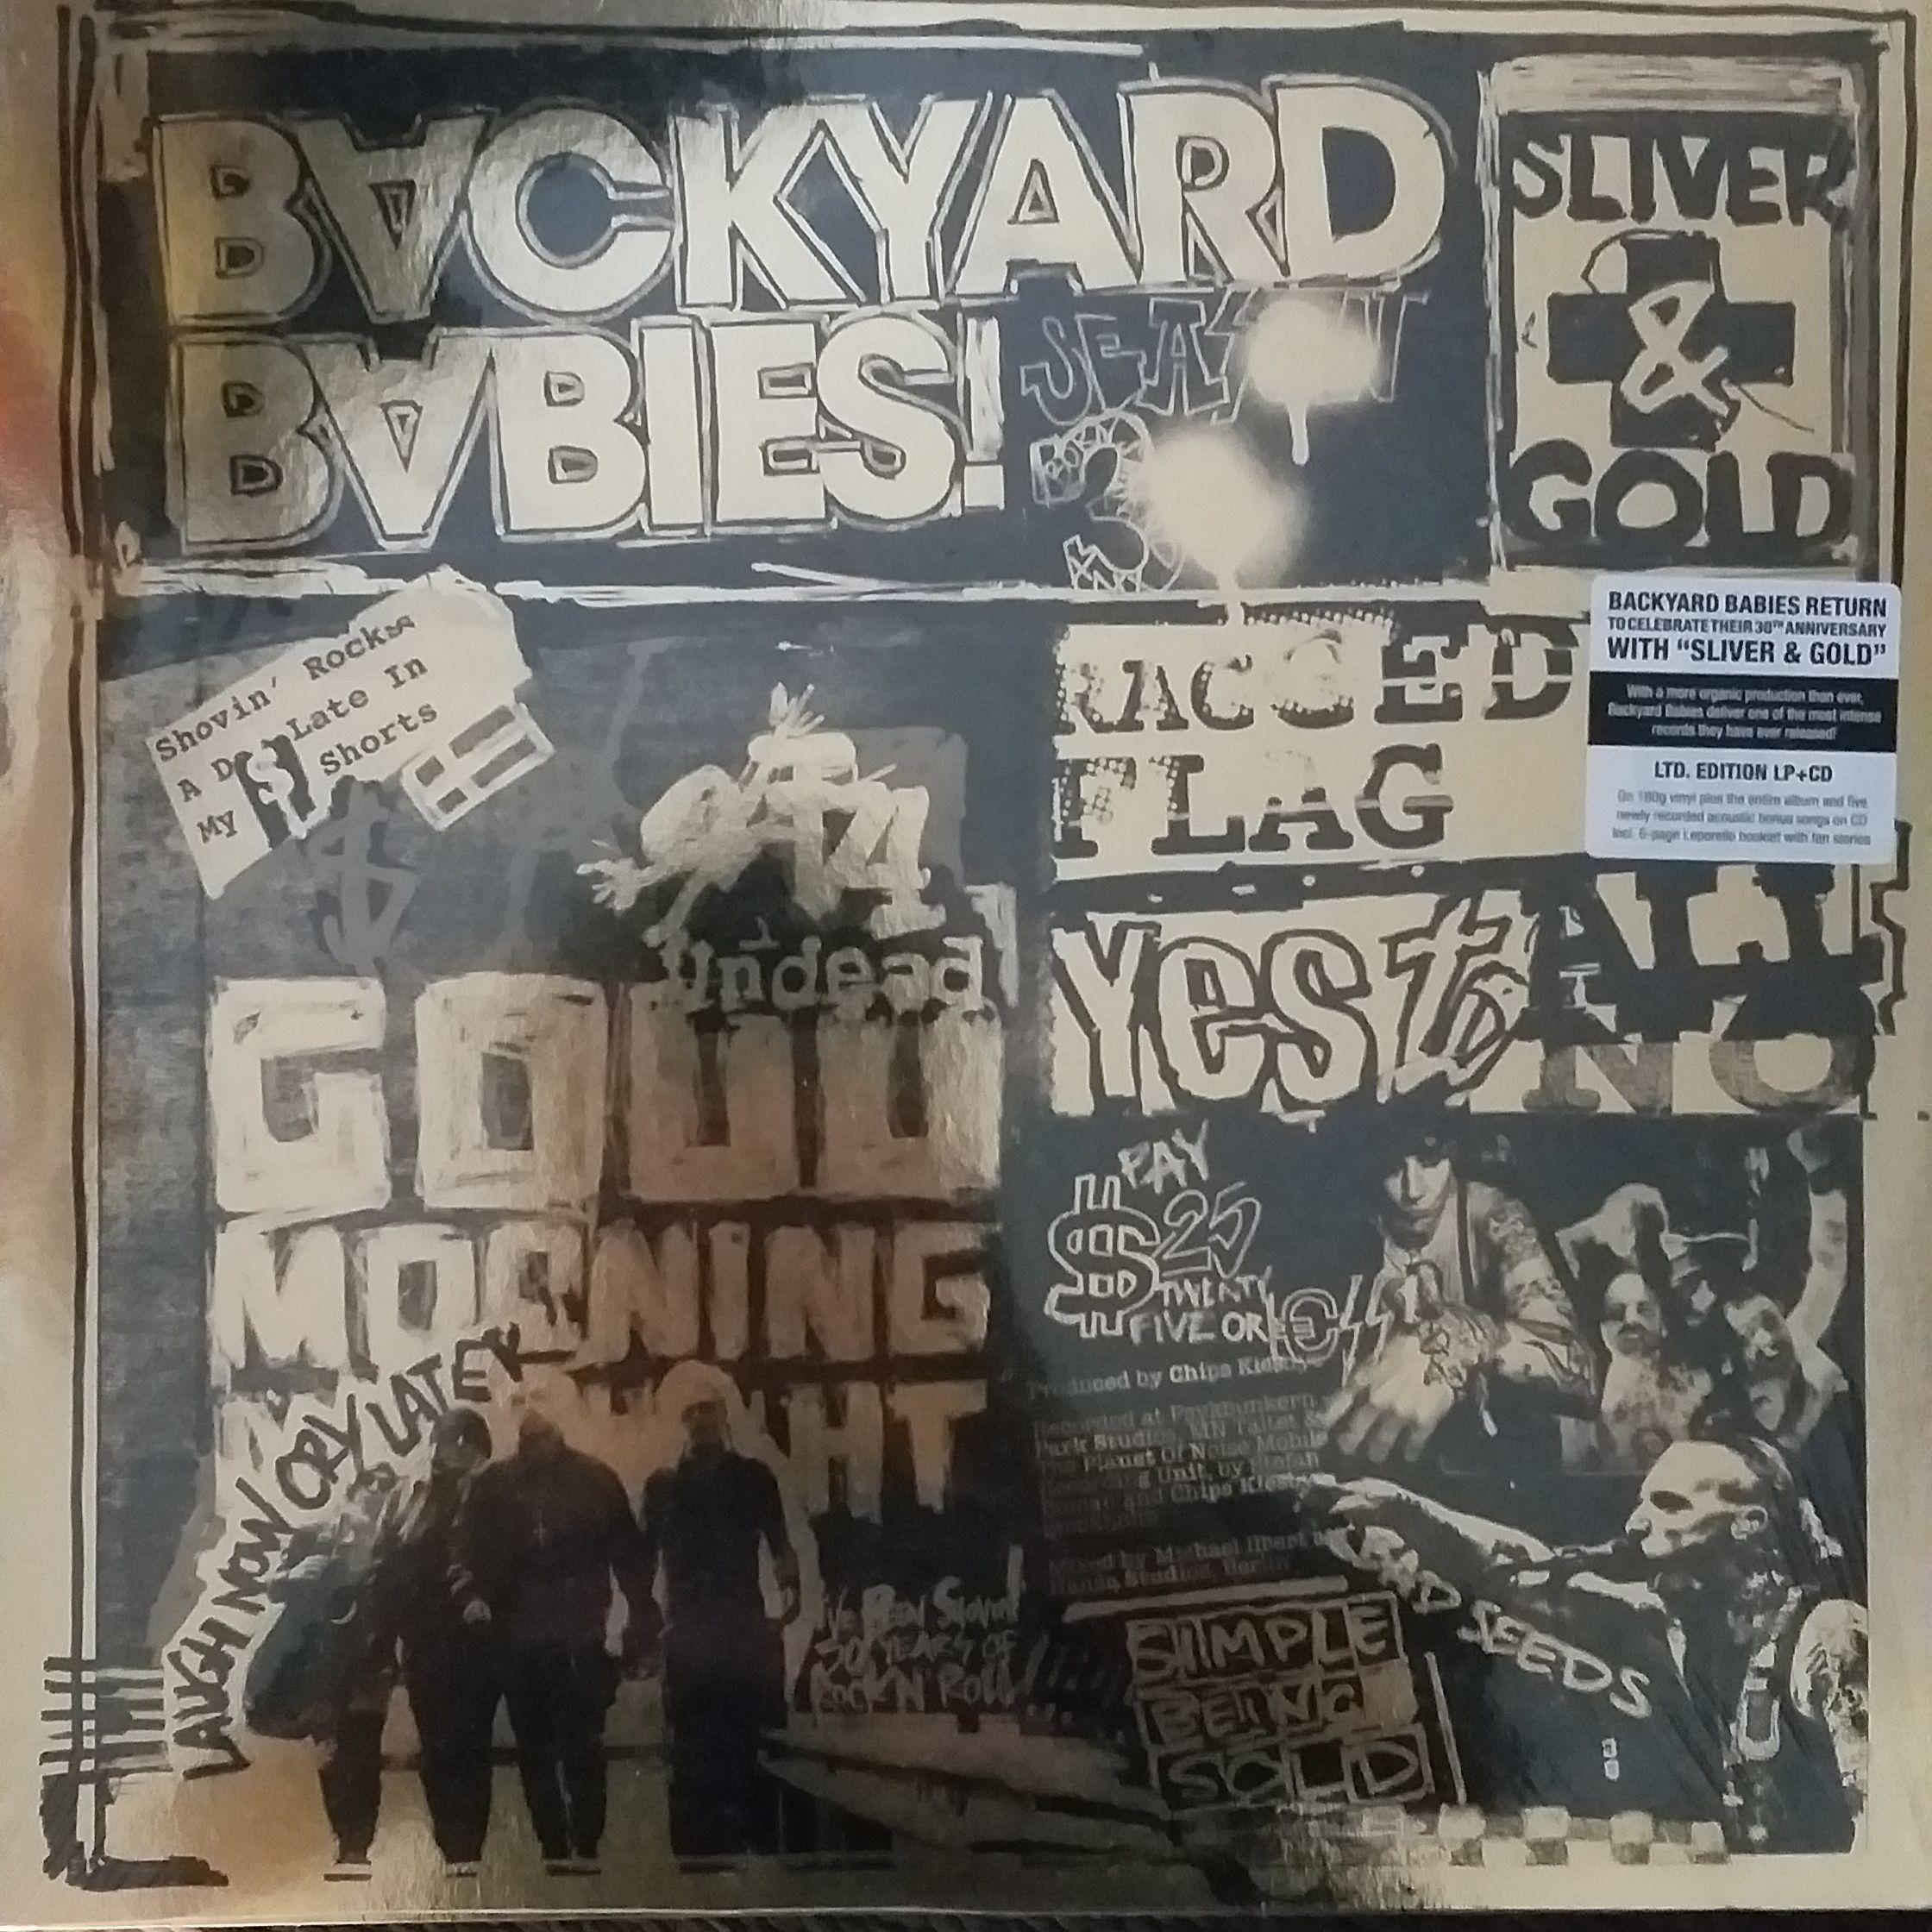 Backyard babies Sliver & gold LP undefined